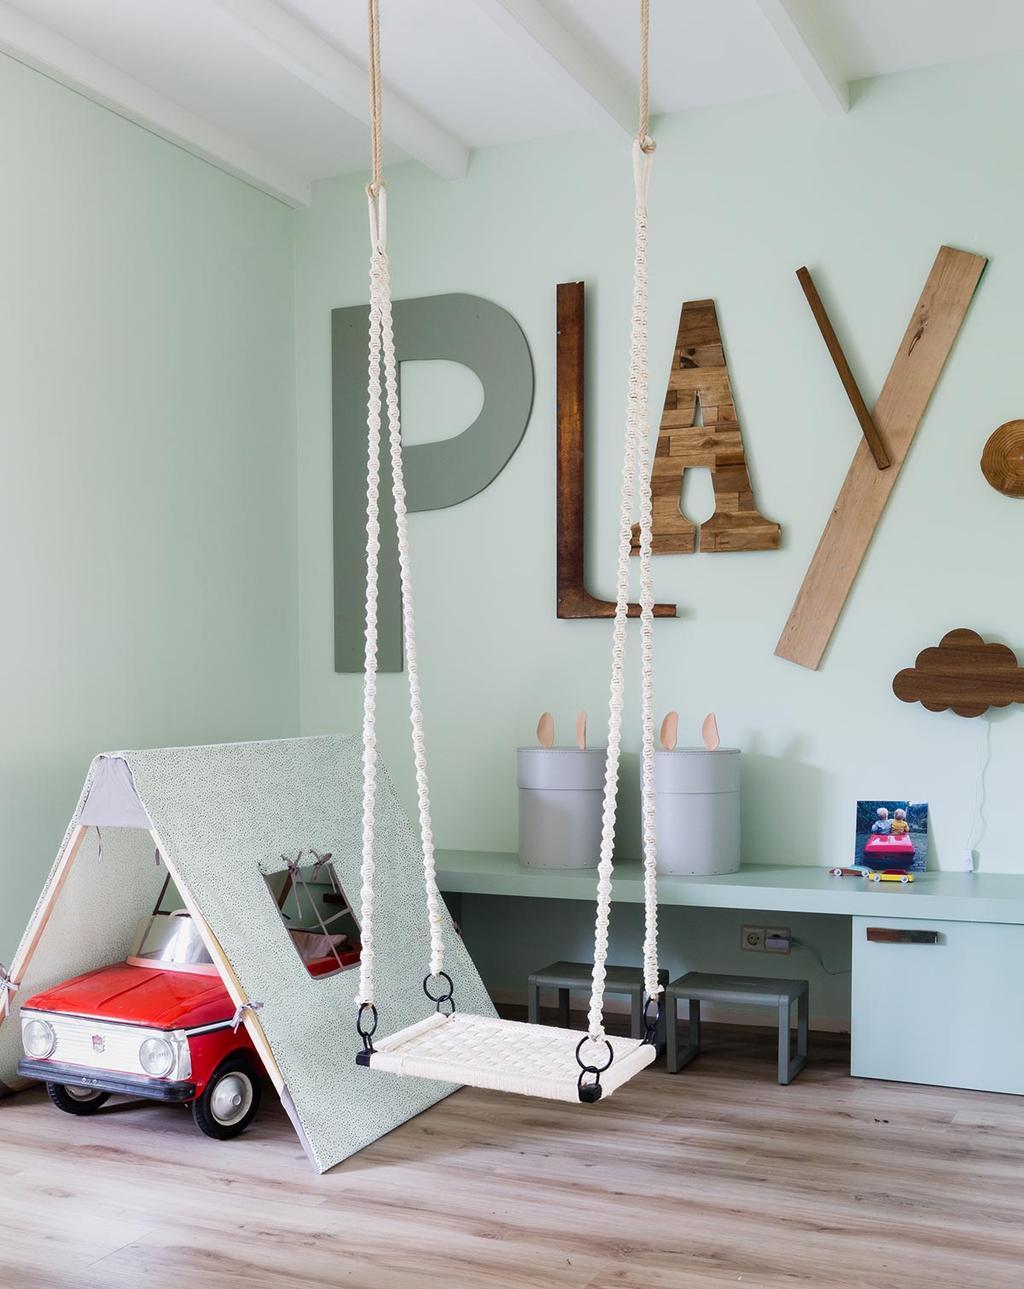 Speelhoek met schommel, tent en houten letters